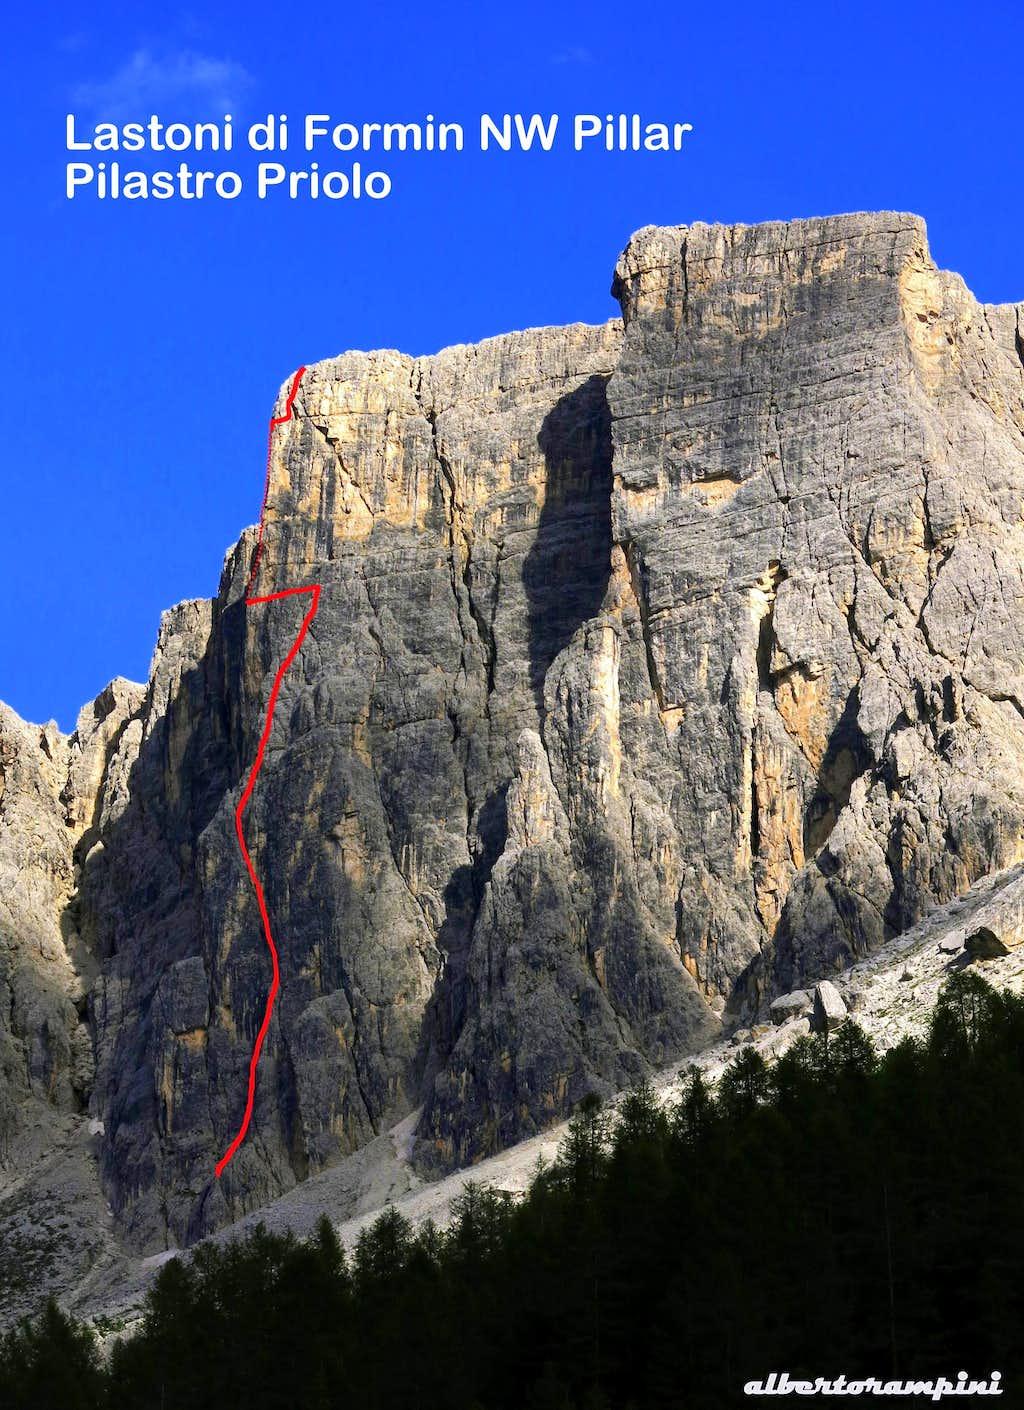 Beta of Pilastro Priolo, Lastoni di Formin